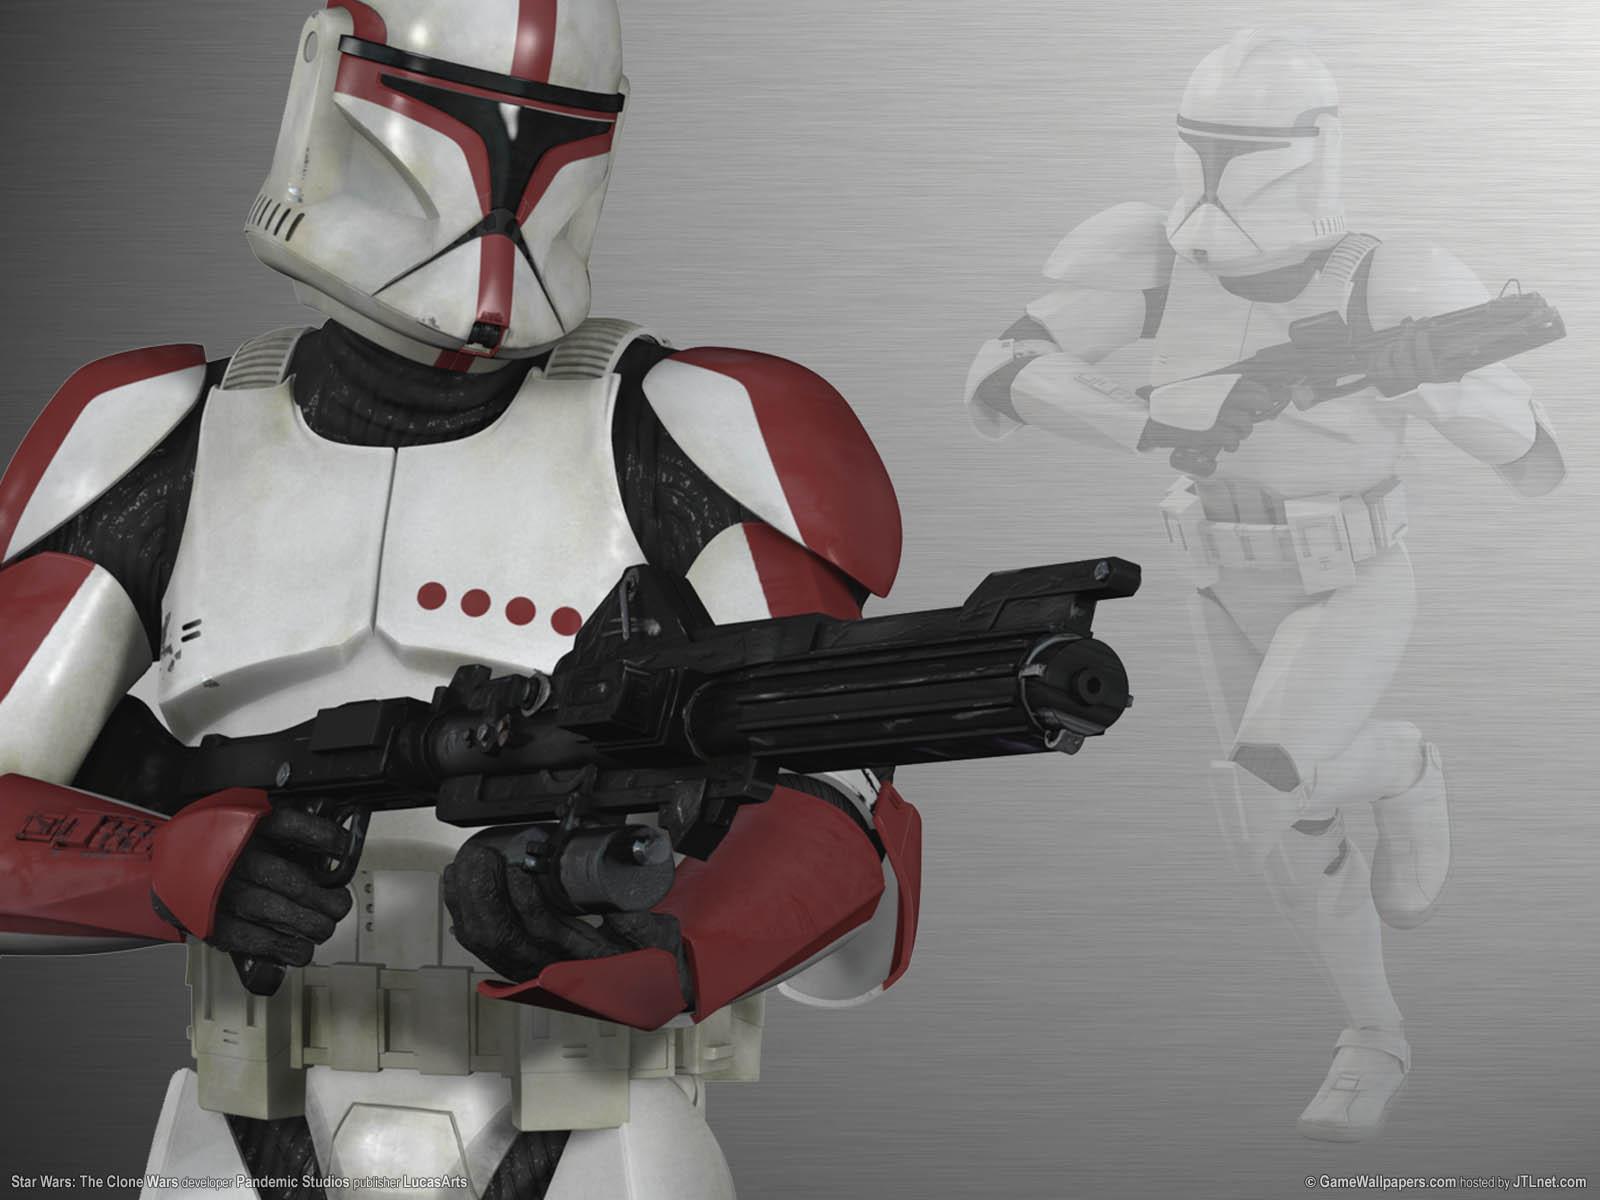 Star Wars The Clone Wars Wallpaper 01 1600x1200